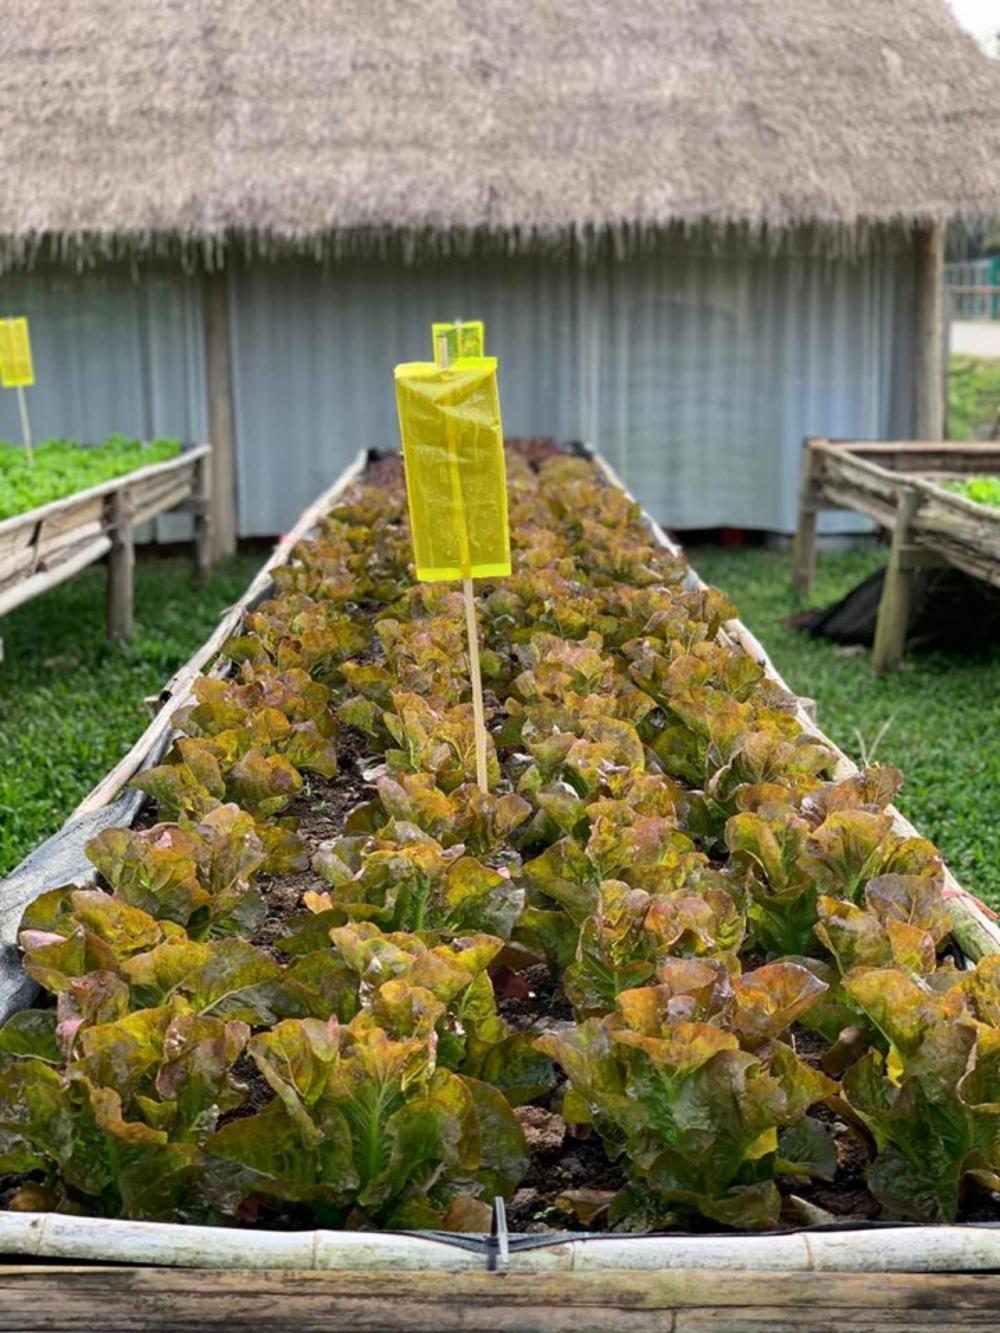 การดูแลรักษาในระบบเกษตรอินทรีย์ นอกจากฉีดพ่นน้ำหมักชีวภาพ มีอีกวิธีที่ช่วยลดแมลง คือ หลักการแมลงชอบสีเหลือง จึงนำกาวเหนียวติดถุงเหลือง และล่อให้แมลงมาติด